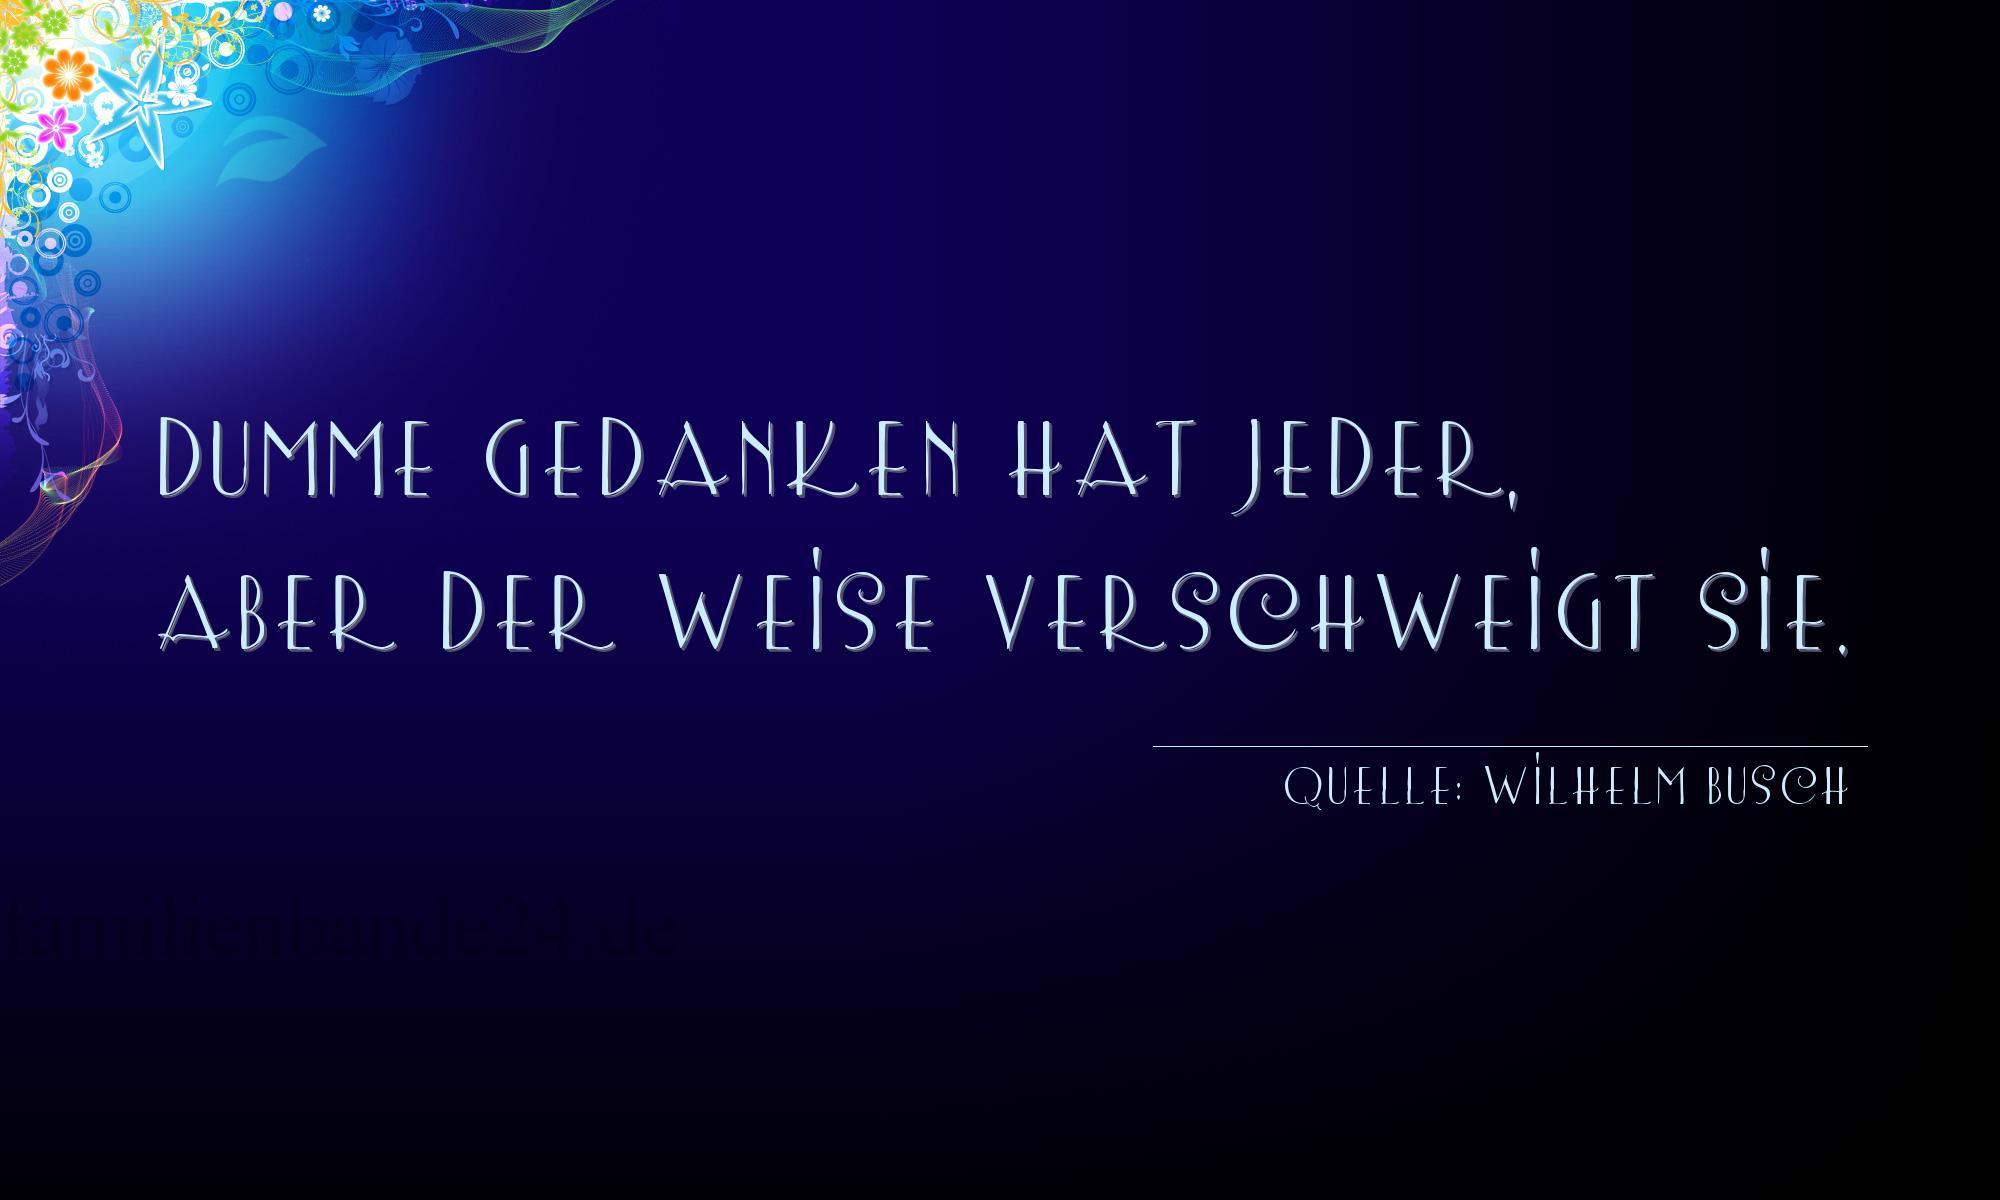 Wilhelm Busch Weihnachtsgedichte.Aphorismus 1280 Aus Die Besten Aphorismen